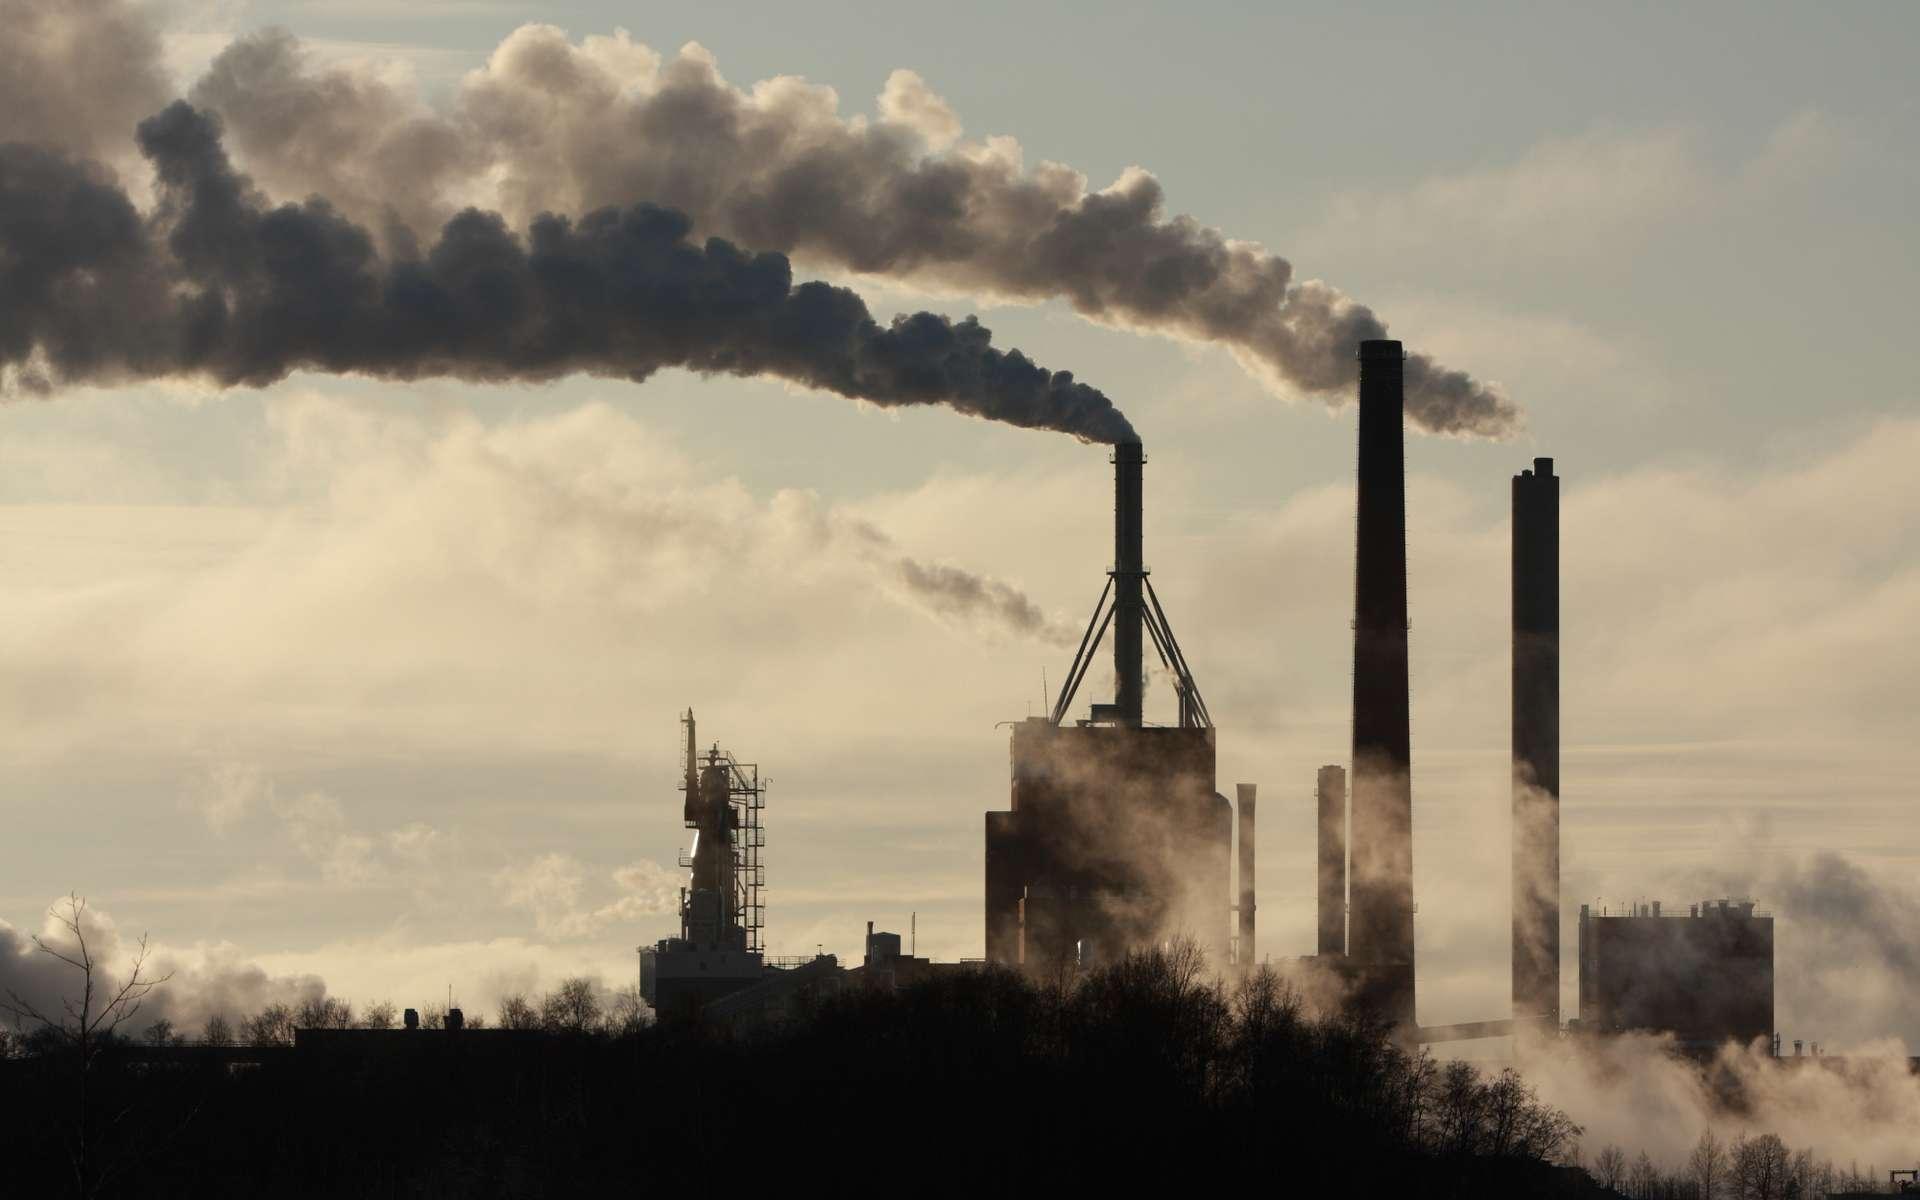 Dans le monde, la pollution atmosphérique a causé la mort de sept millions de personnes en 2012, selon l'Organisation mondiale de la santé (OMS). Avec plus de la moitié de la population humaine vivant en ville, la qualité de l'air en milieu urbain est devenue un enjeu de santé publique. Il faut la réduire mais aussi en prendre conscience, et s'y adapter. La visualiser autour de soi serait déjà une avancée. © Sandra Kemppainen, Shutterstock